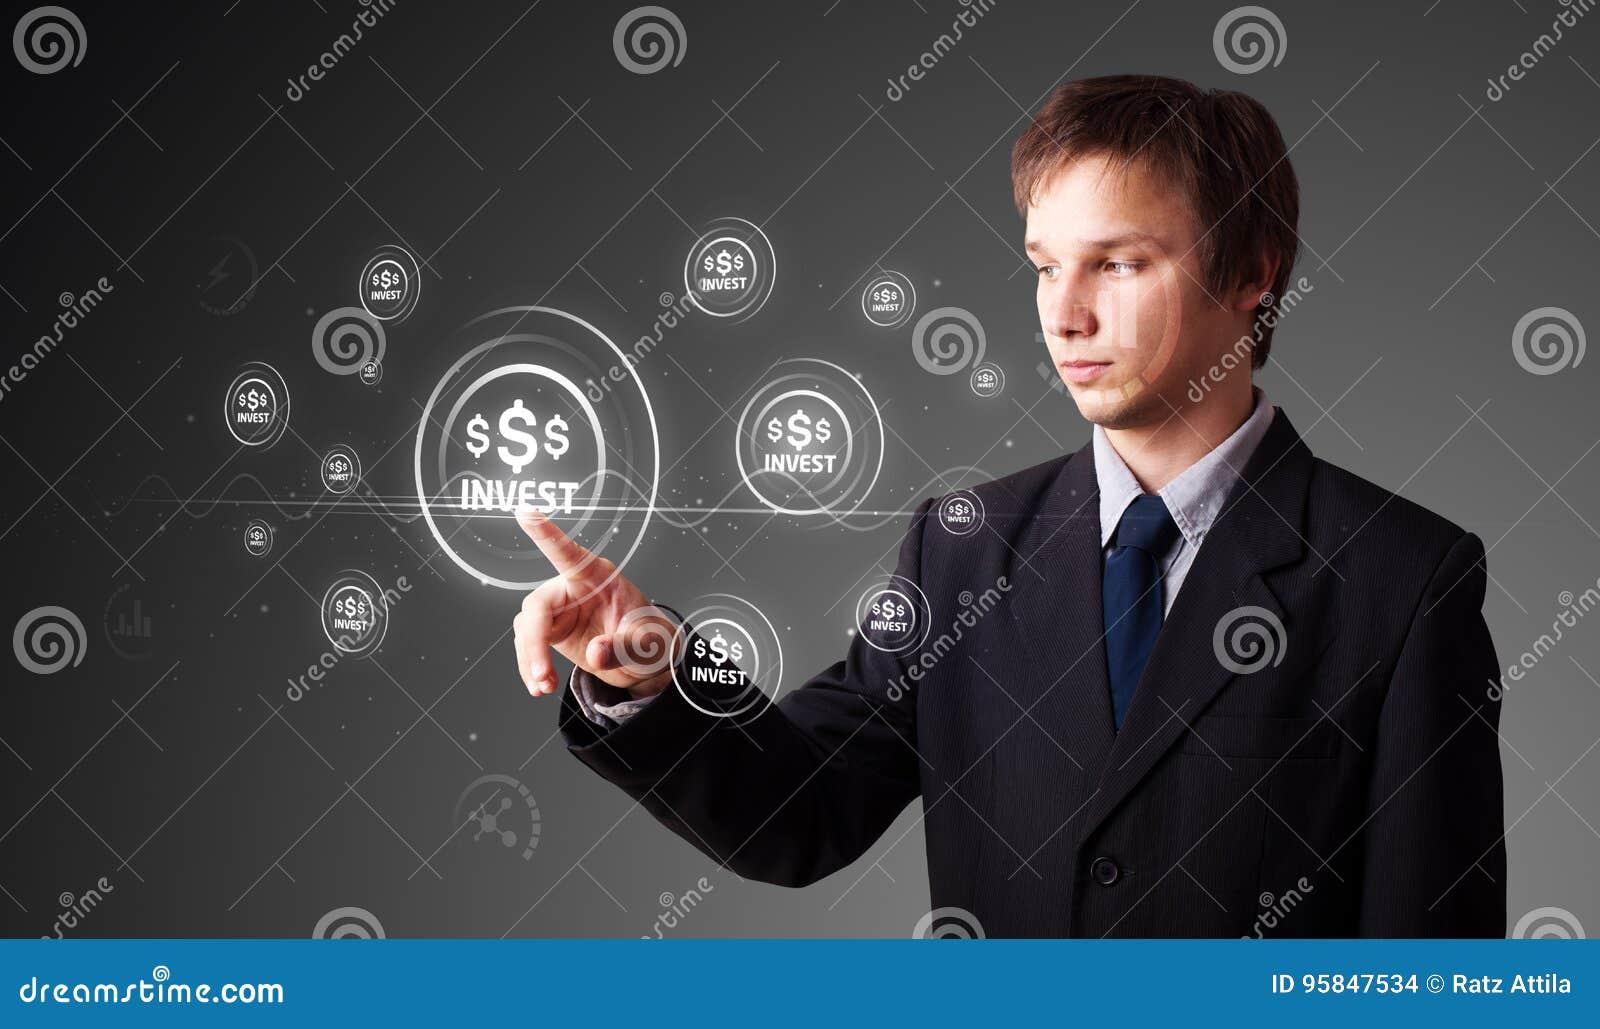 Knäppas tränga modern affärstyp för affärsmannen av